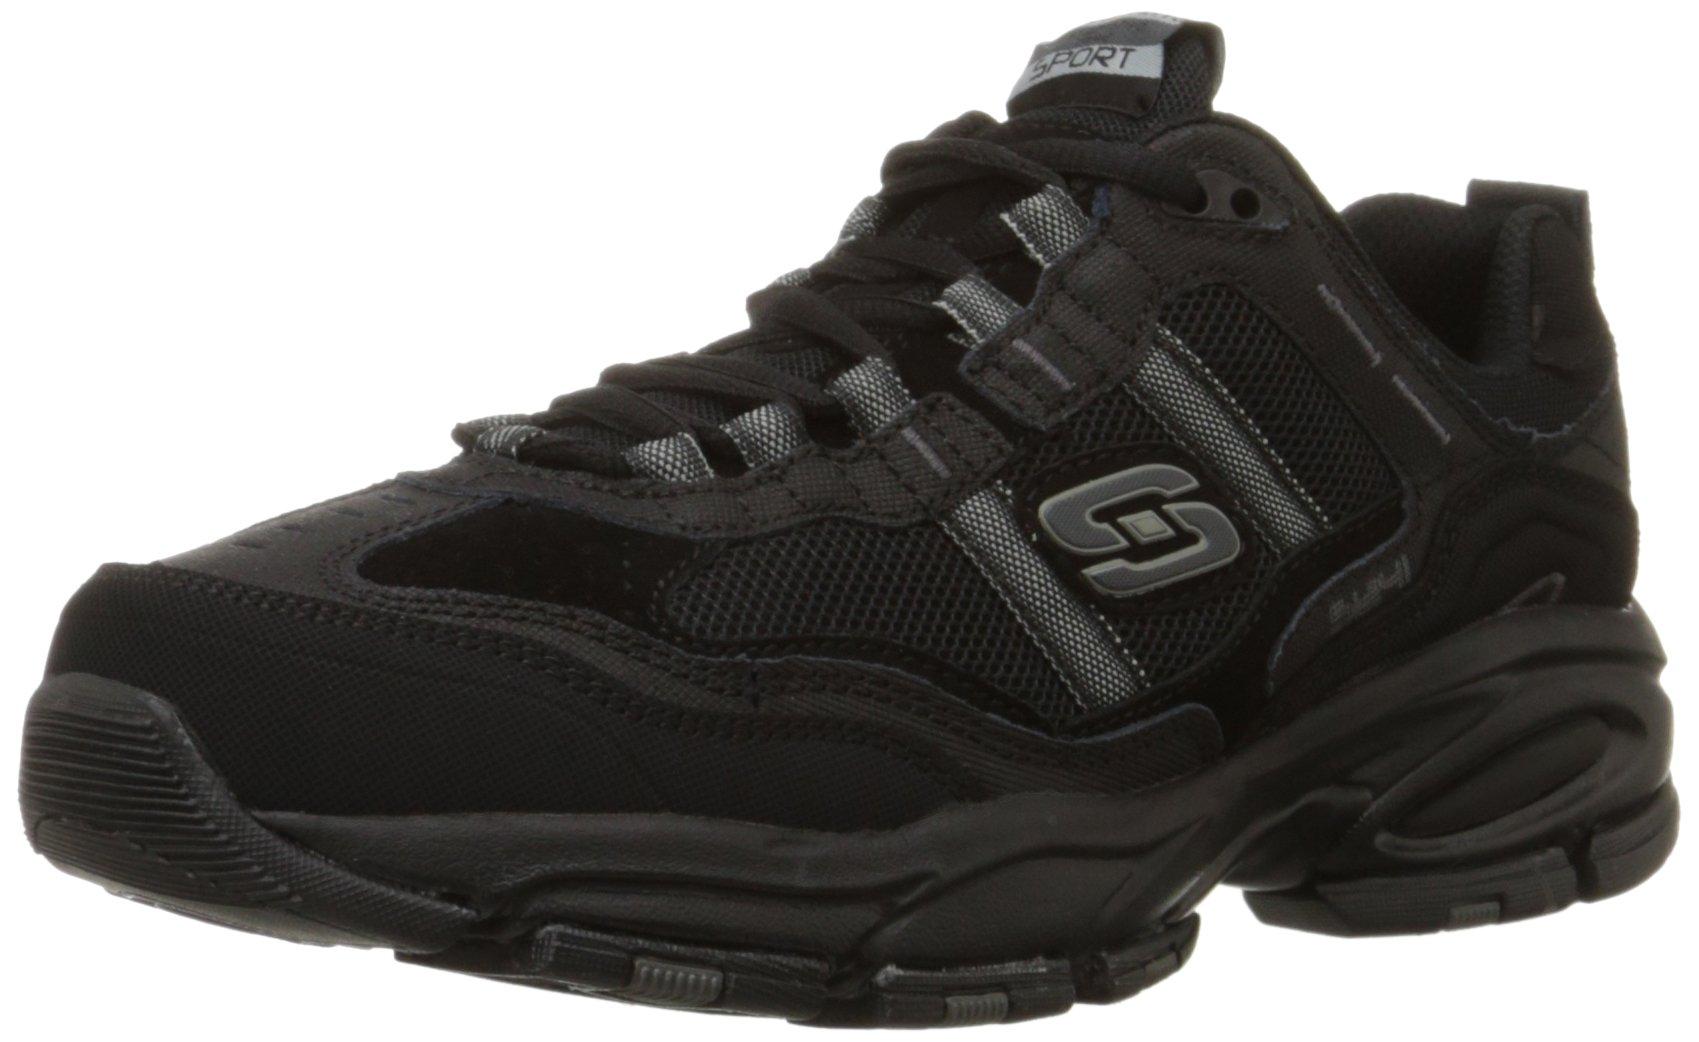 Skechers Sport Men's Vigor 2.0 Trait Memory Foam Sneaker, Black, 12 M US by Skechers (Image #1)